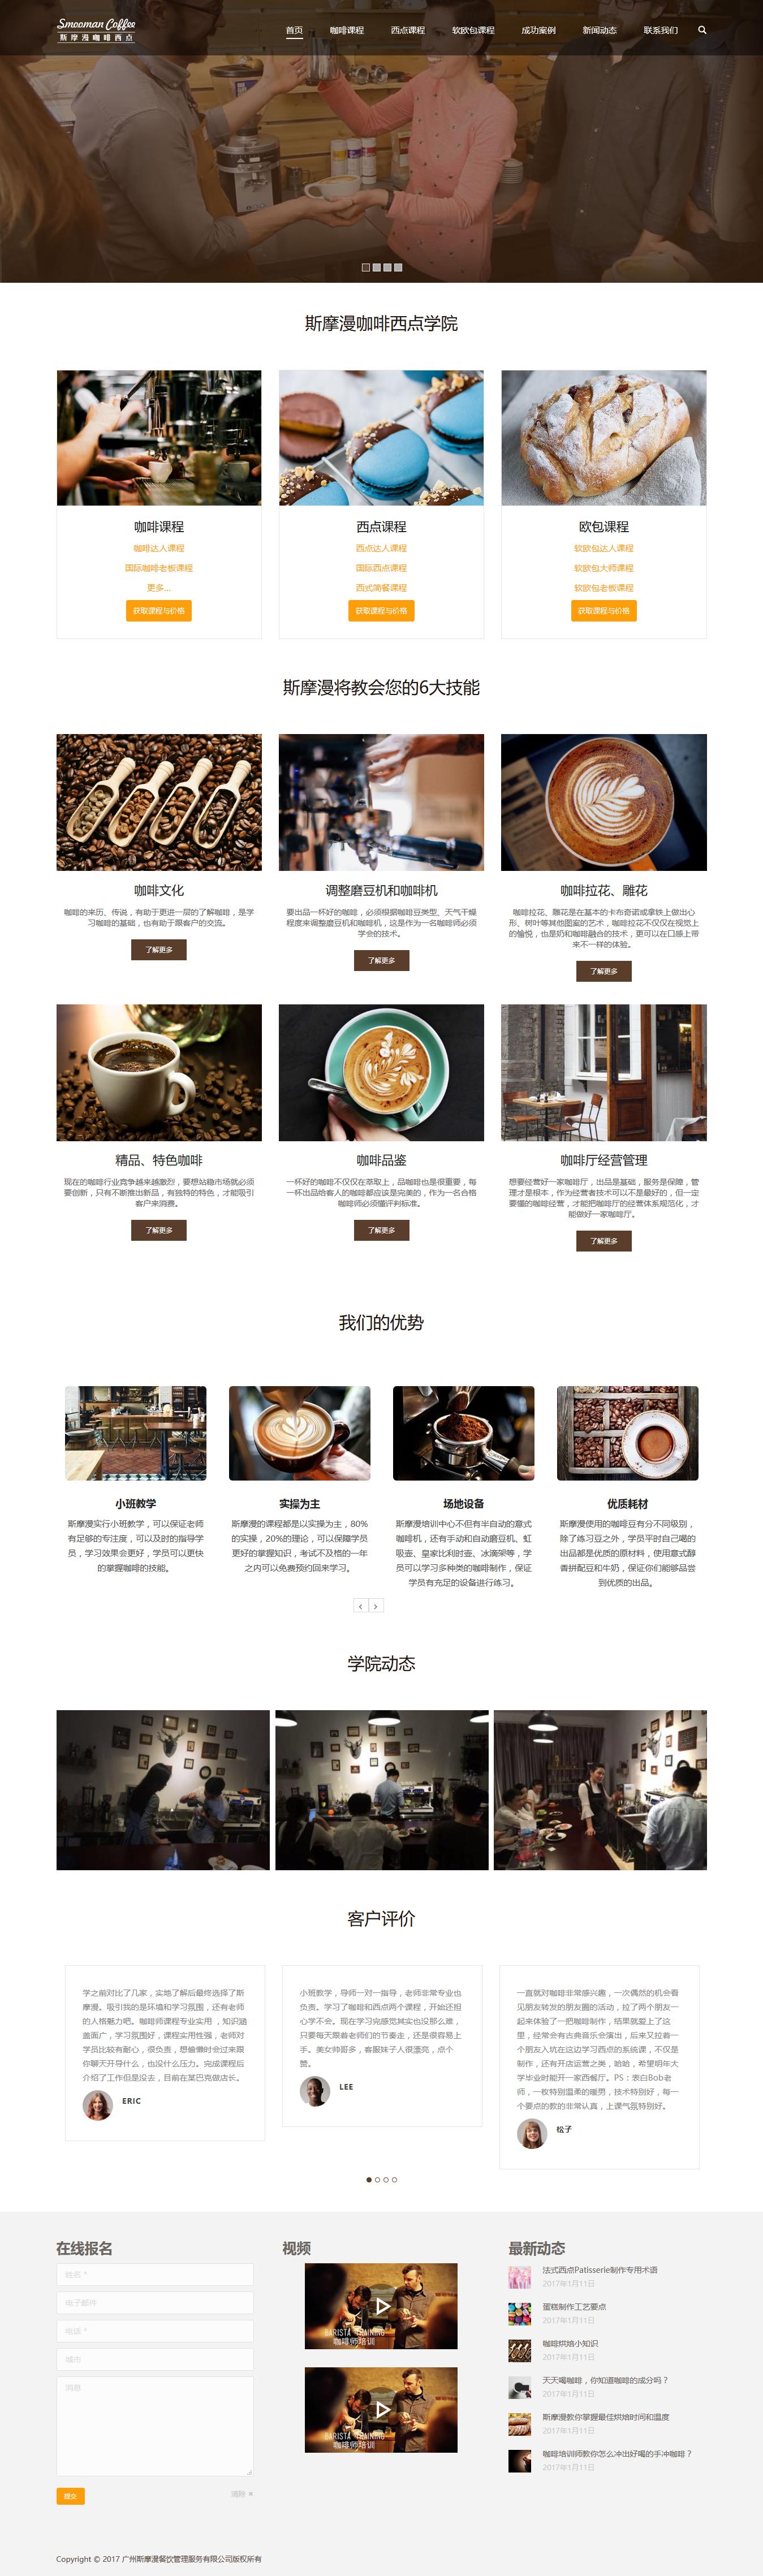 s1 广州斯摩漫餐饮管理服务有限公司